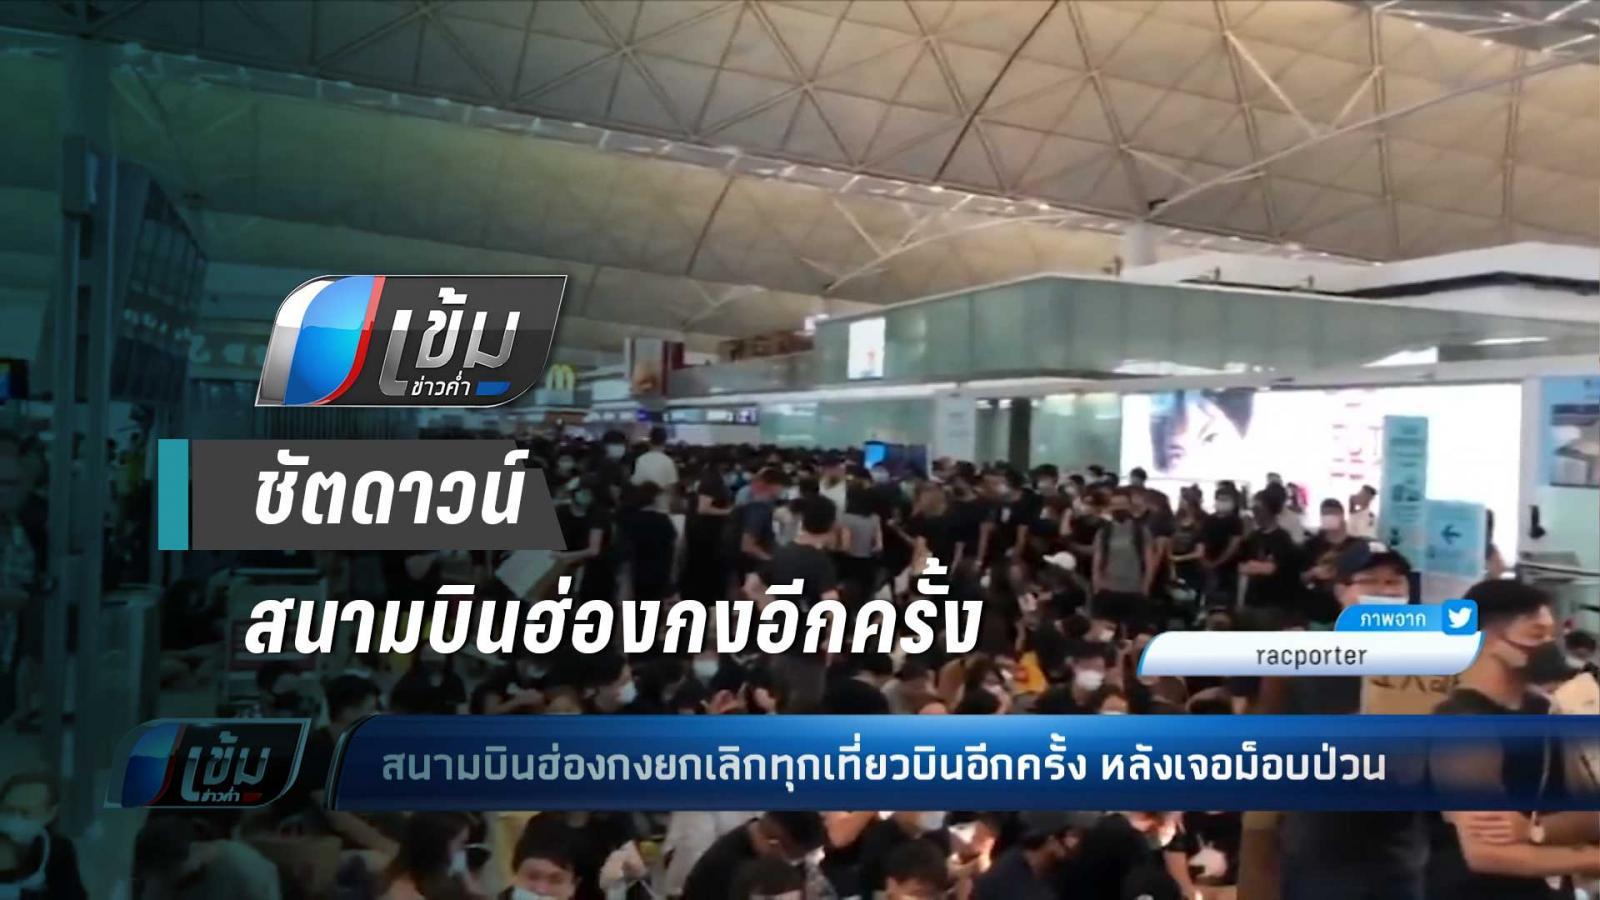 สนามบินฮ่องกง ยกเลิกเที่ยวบินอีกครั้ง